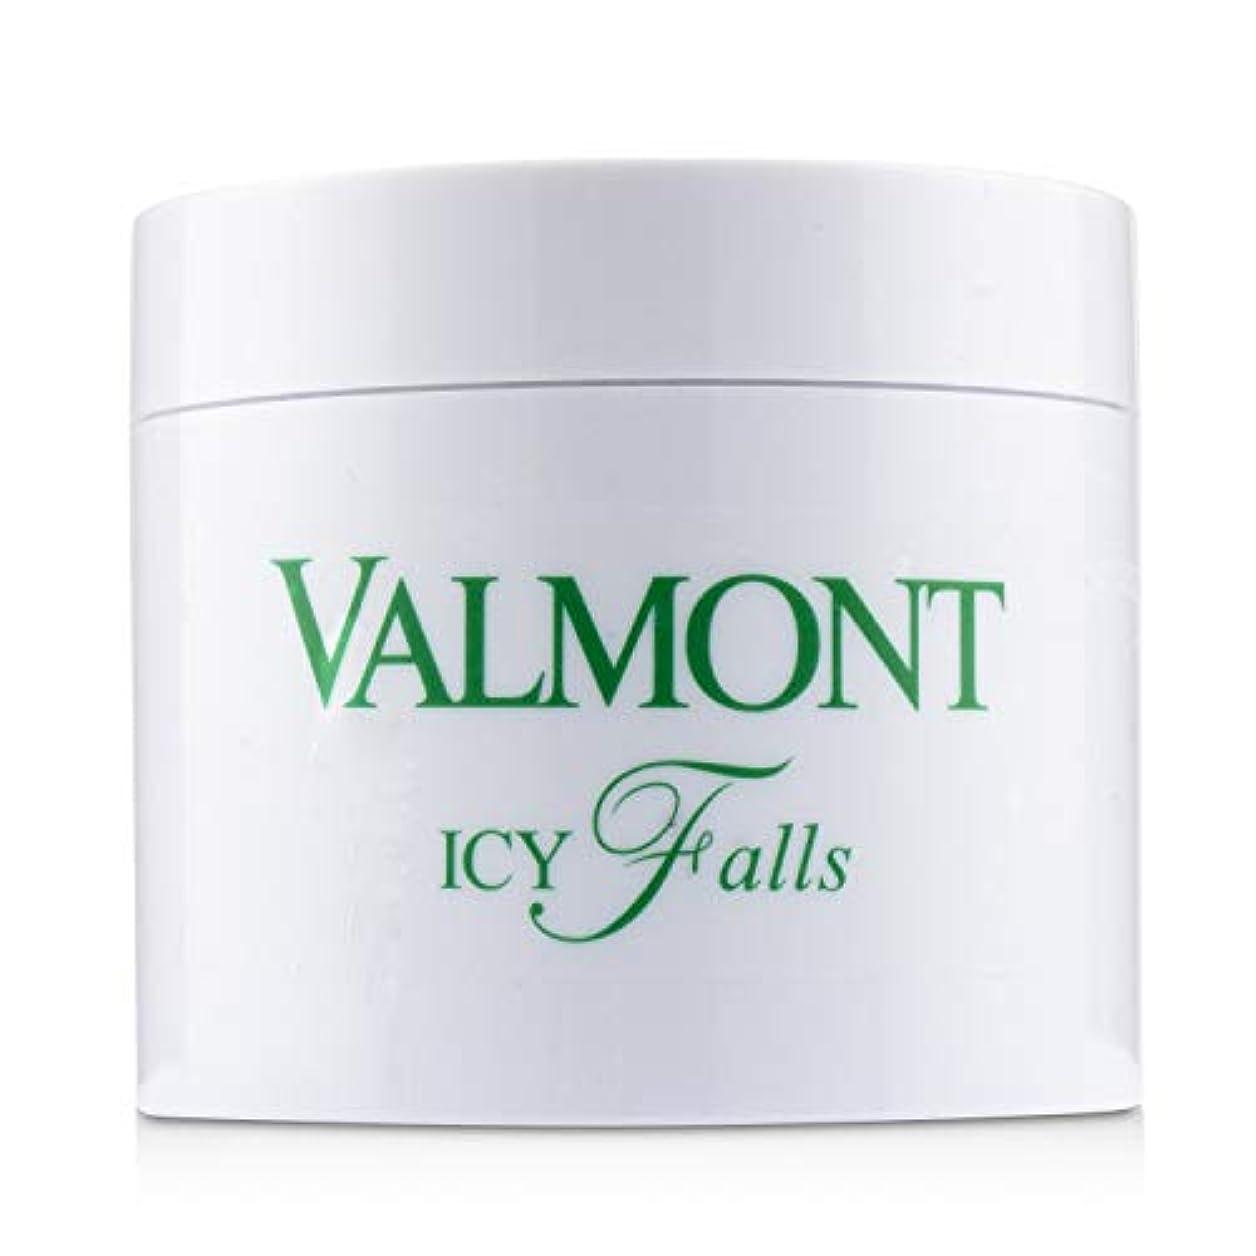 社説不適切な物質ヴァルモン Purity Icy Falls (Salon Product) 200ml/7oz並行輸入品